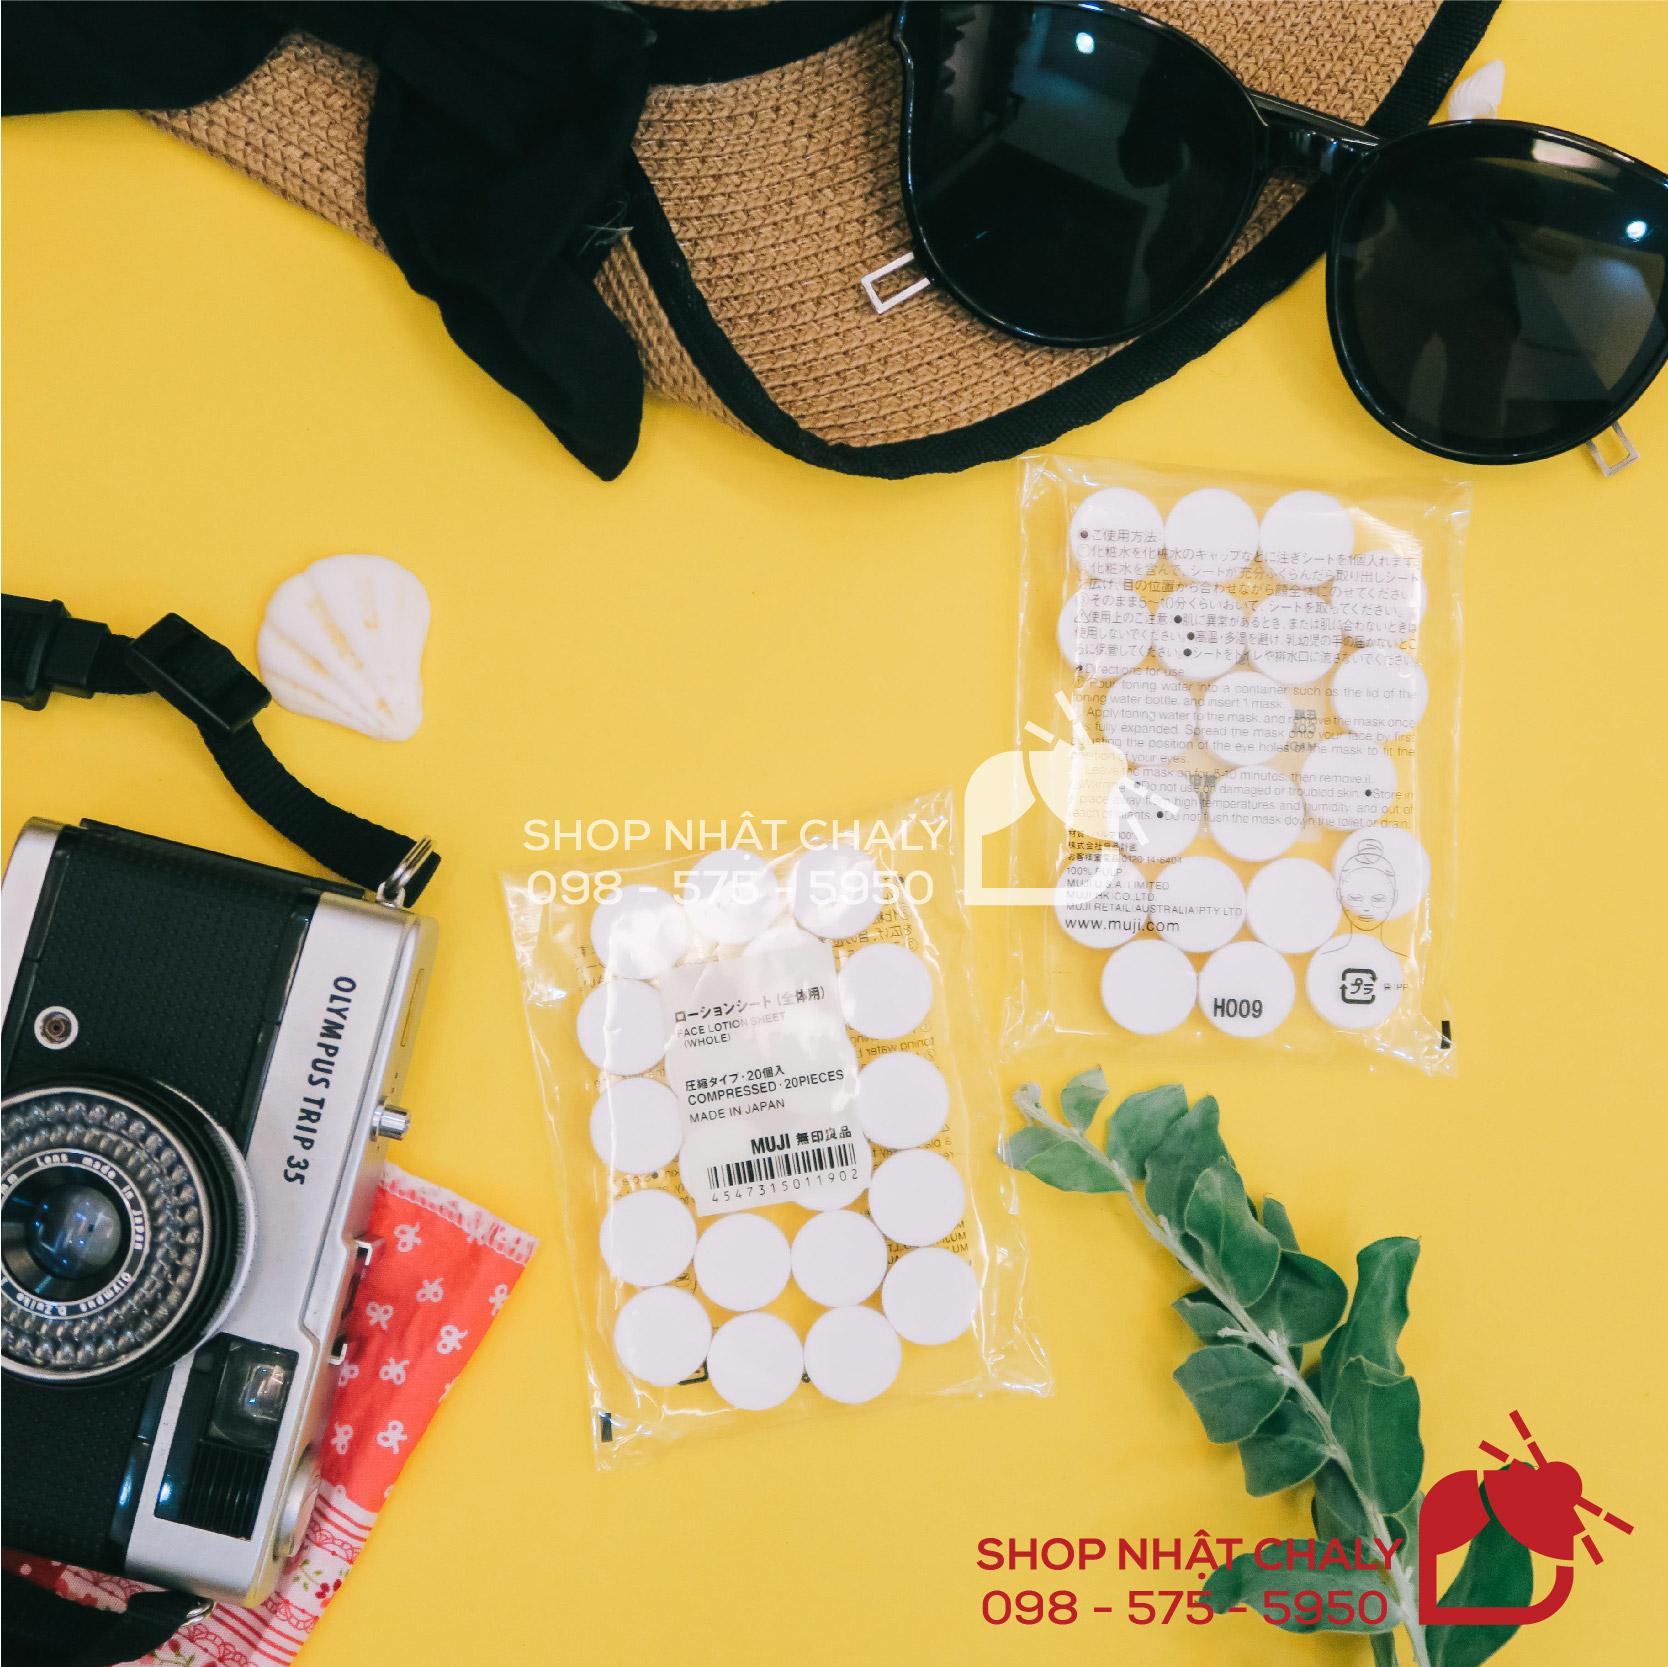 Trong nhiều loại mask nén trên thị trường, mặt nạ nén Muji là sản phẩm được đánh giá cao nhất về độ lành tính cũng như giá cả phải chăng dễ mua